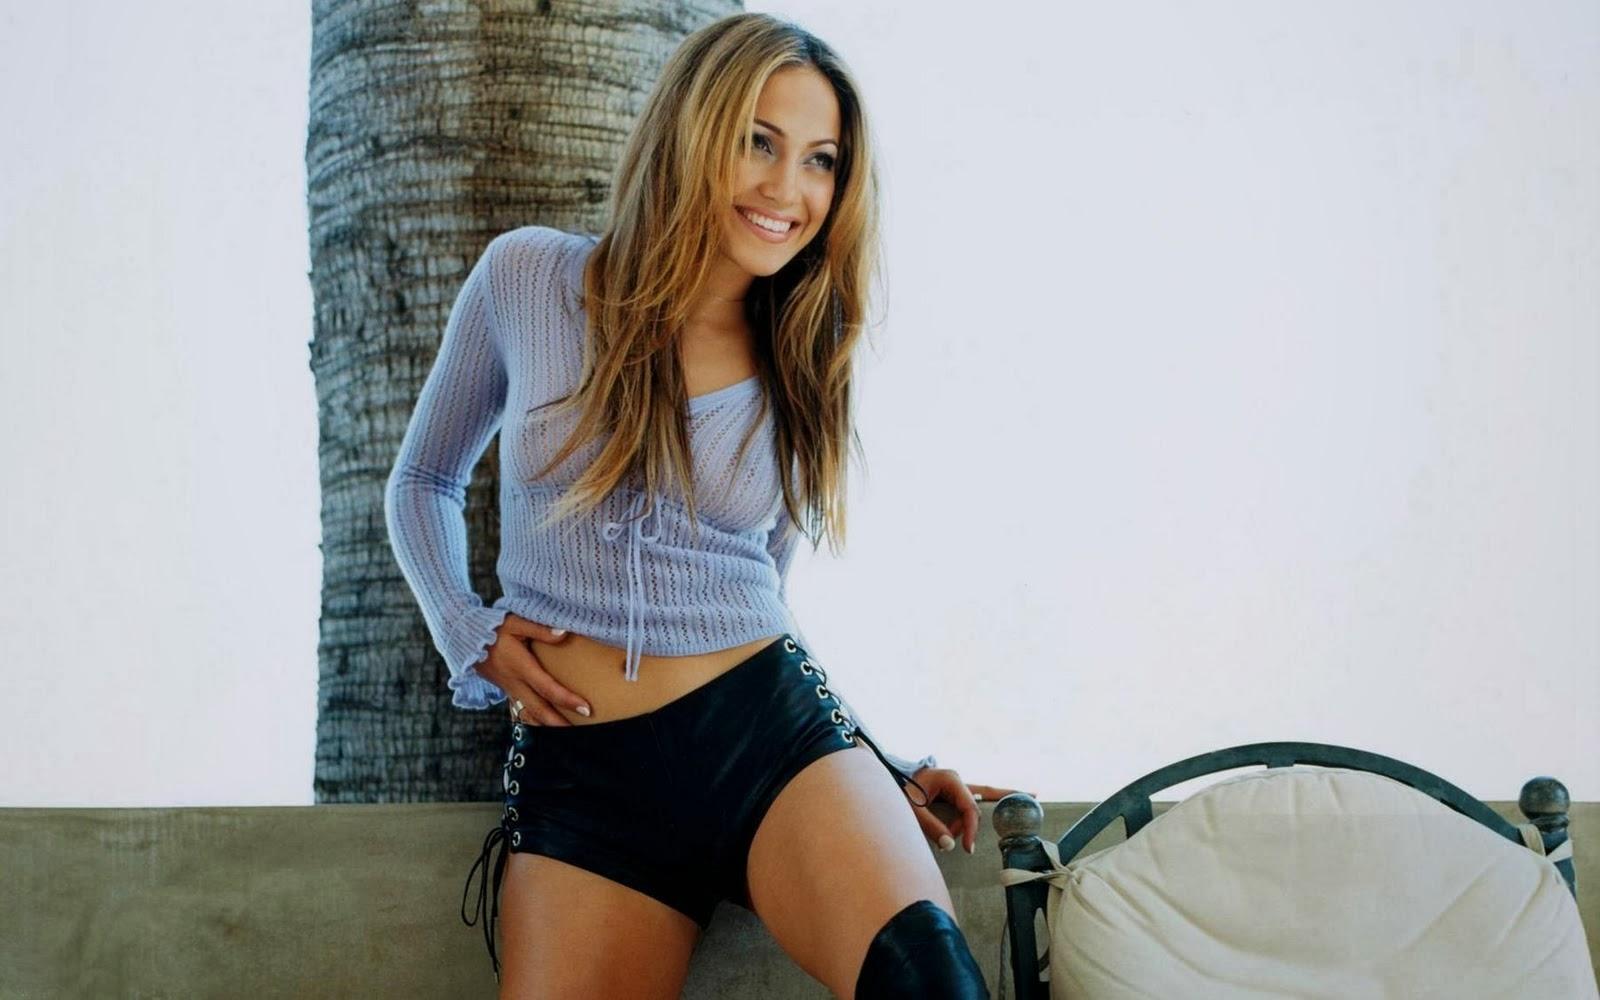 Celebrity Hd Wallpapers American Singer Jennifer Lopez Hd -4634